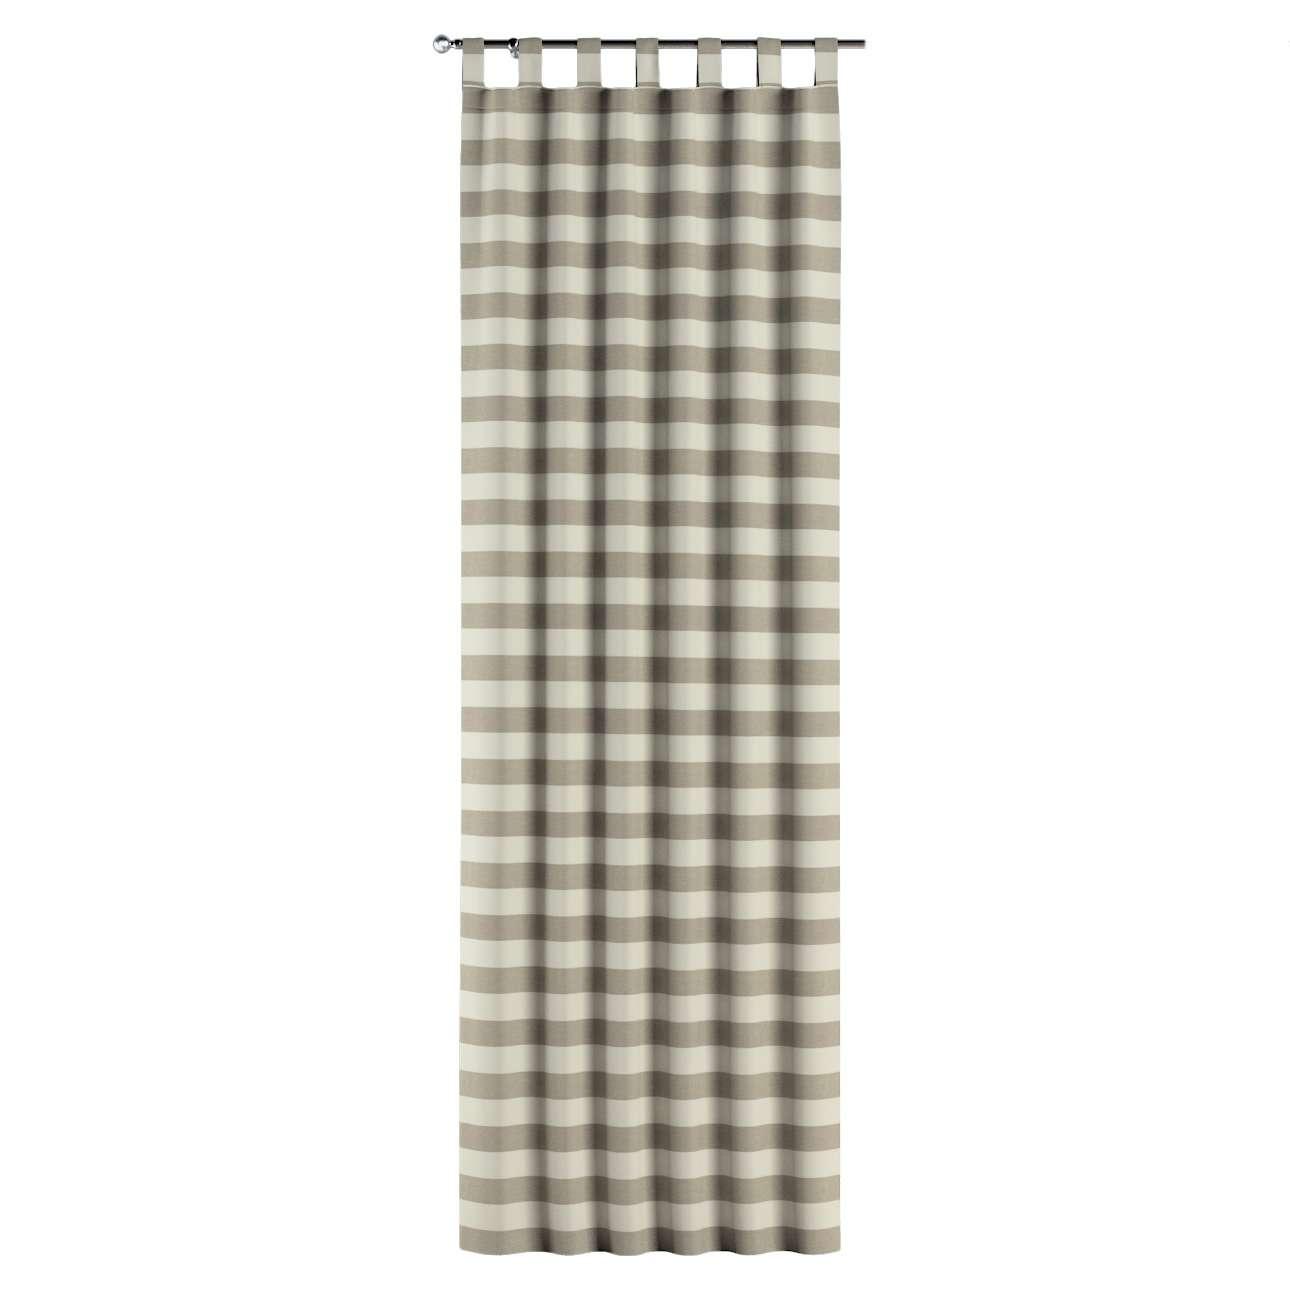 Zasłona na szelkach 1 szt. w kolekcji Quadro, tkanina: 142-73